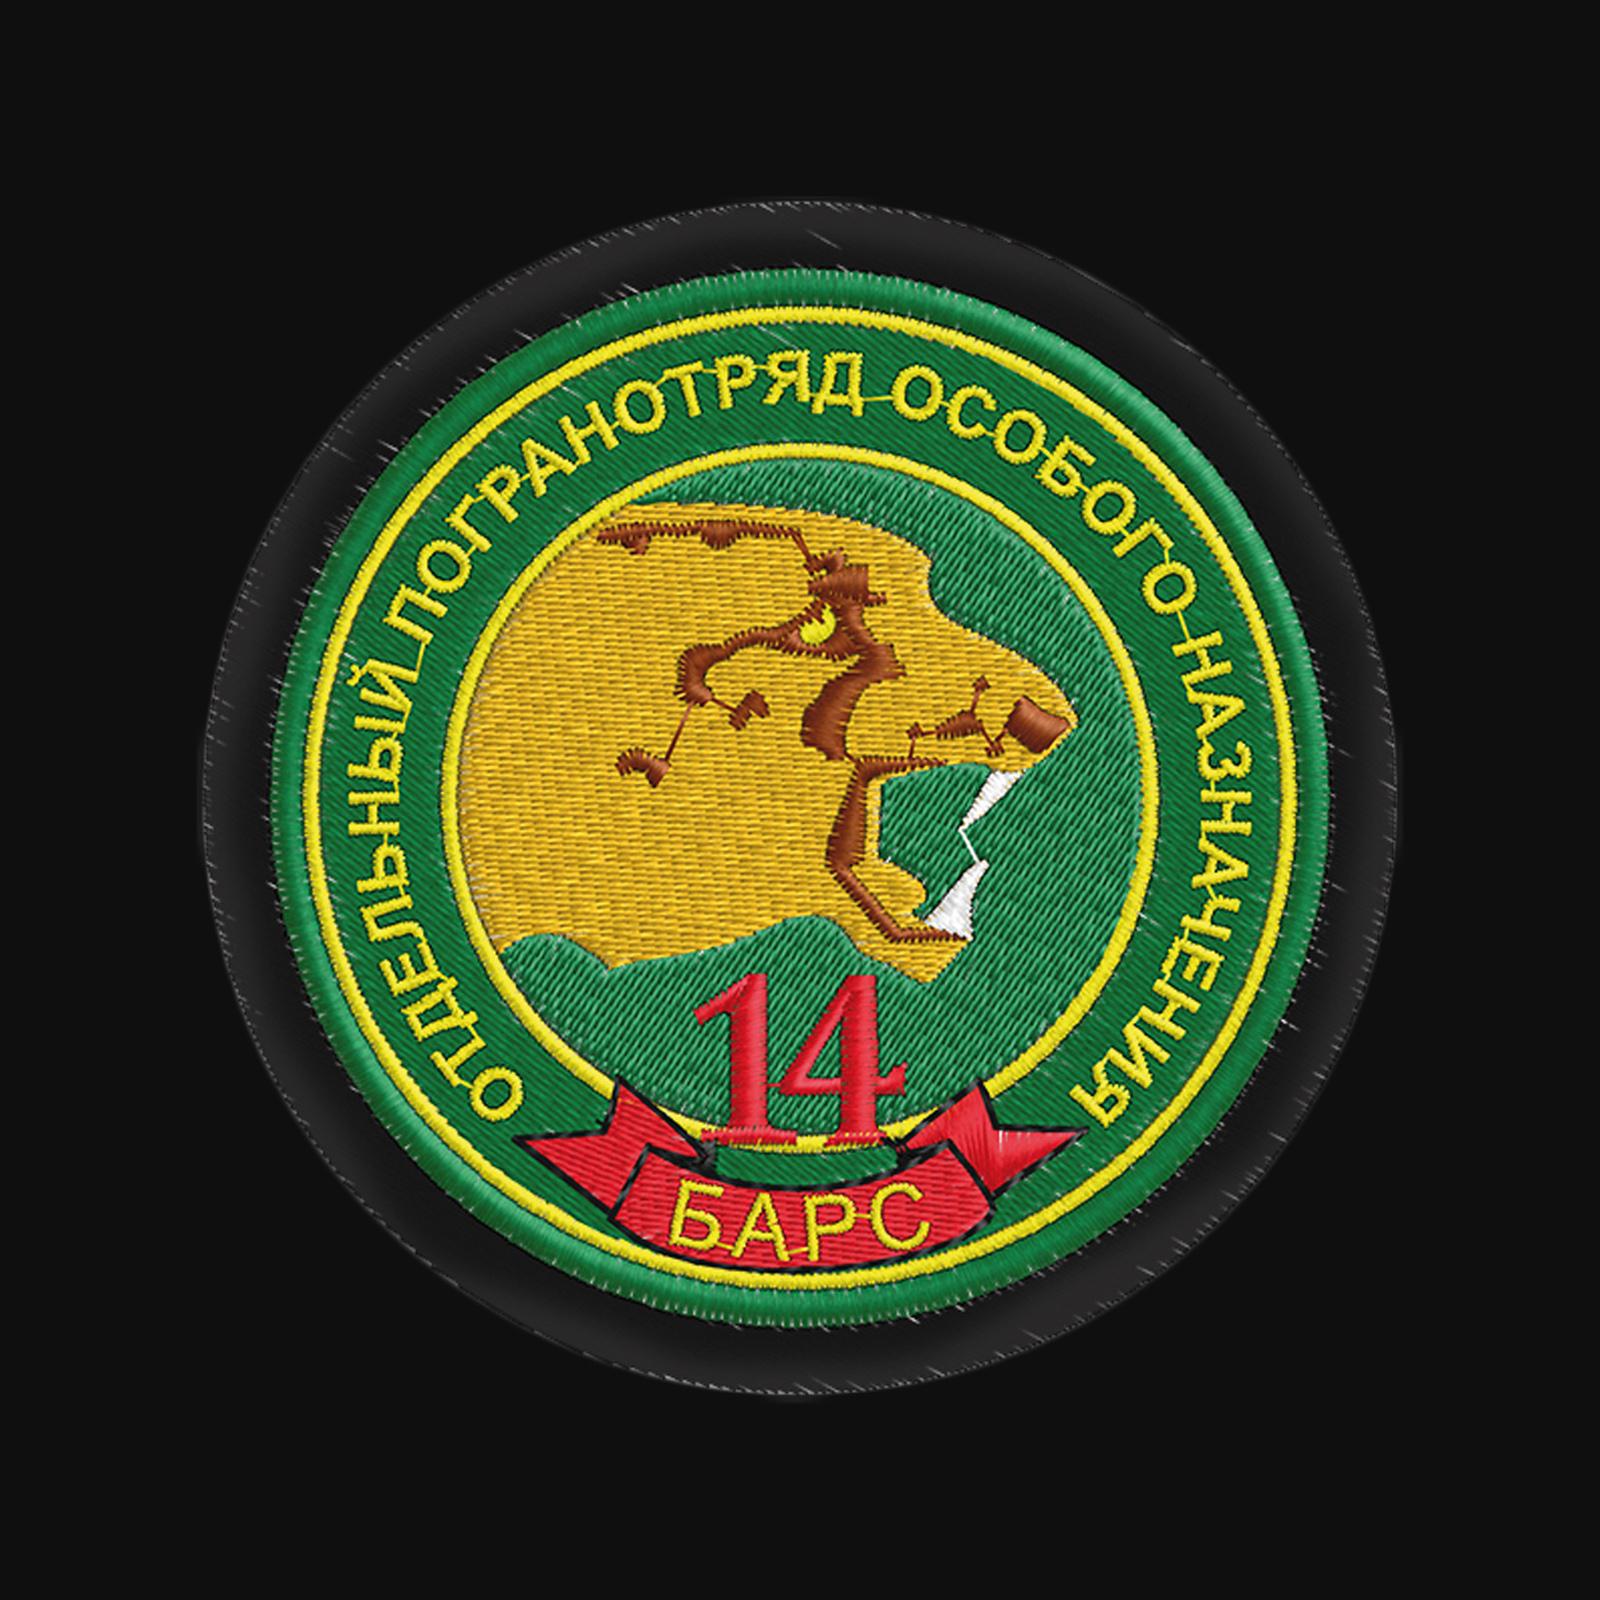 Черная мужская толстовка с эмблемой Пограничных войск купить по привлекательной цене